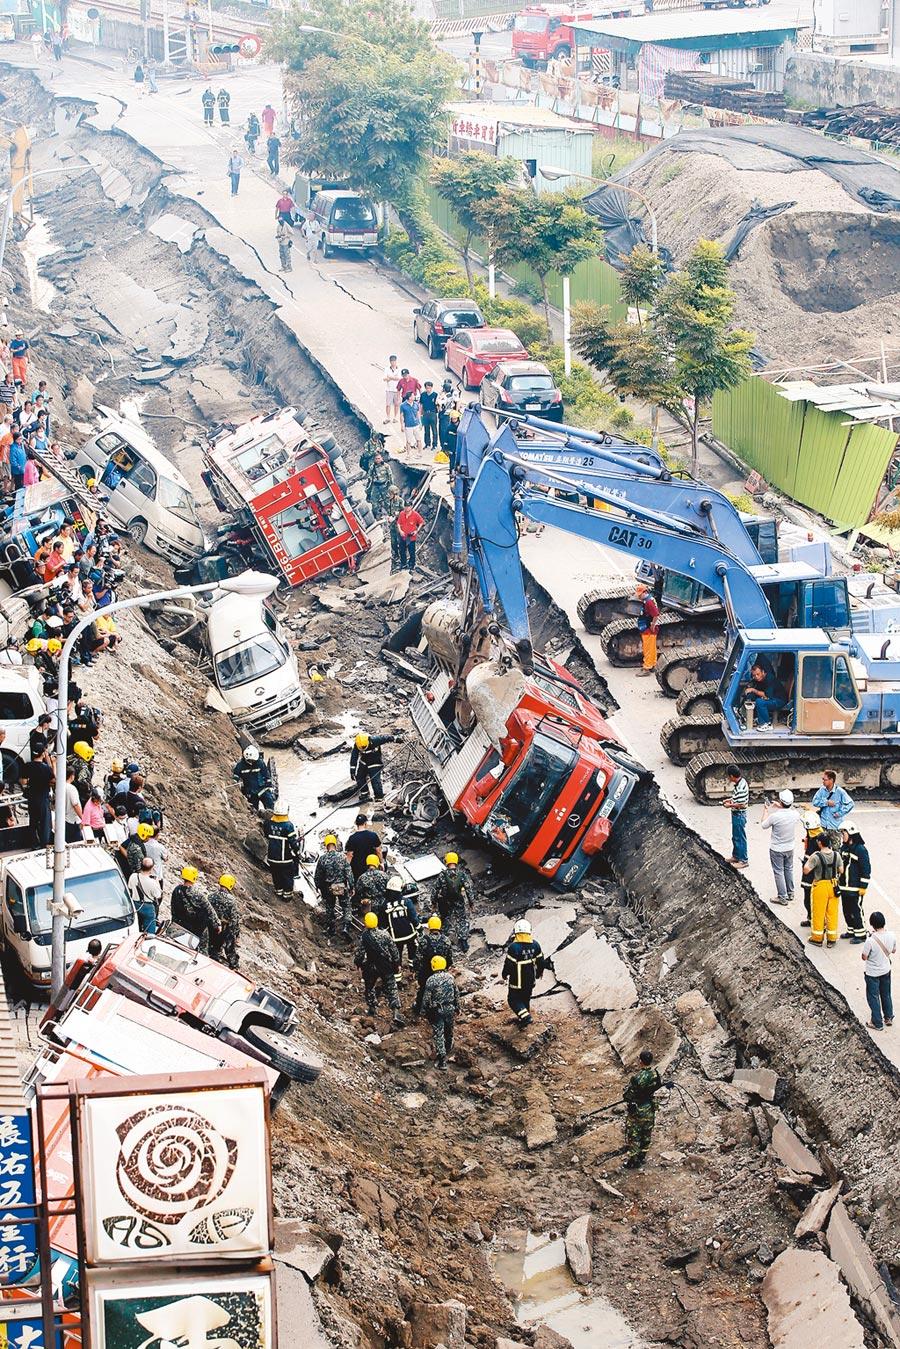 2014年8月1日,高雄前鎮區凌晨發生傷亡慘重的氣爆,發生爆炸的凱旋二路,宛如經過戰火洗禮般,停在路邊的消防車也成了受害者。(本報資料照片)